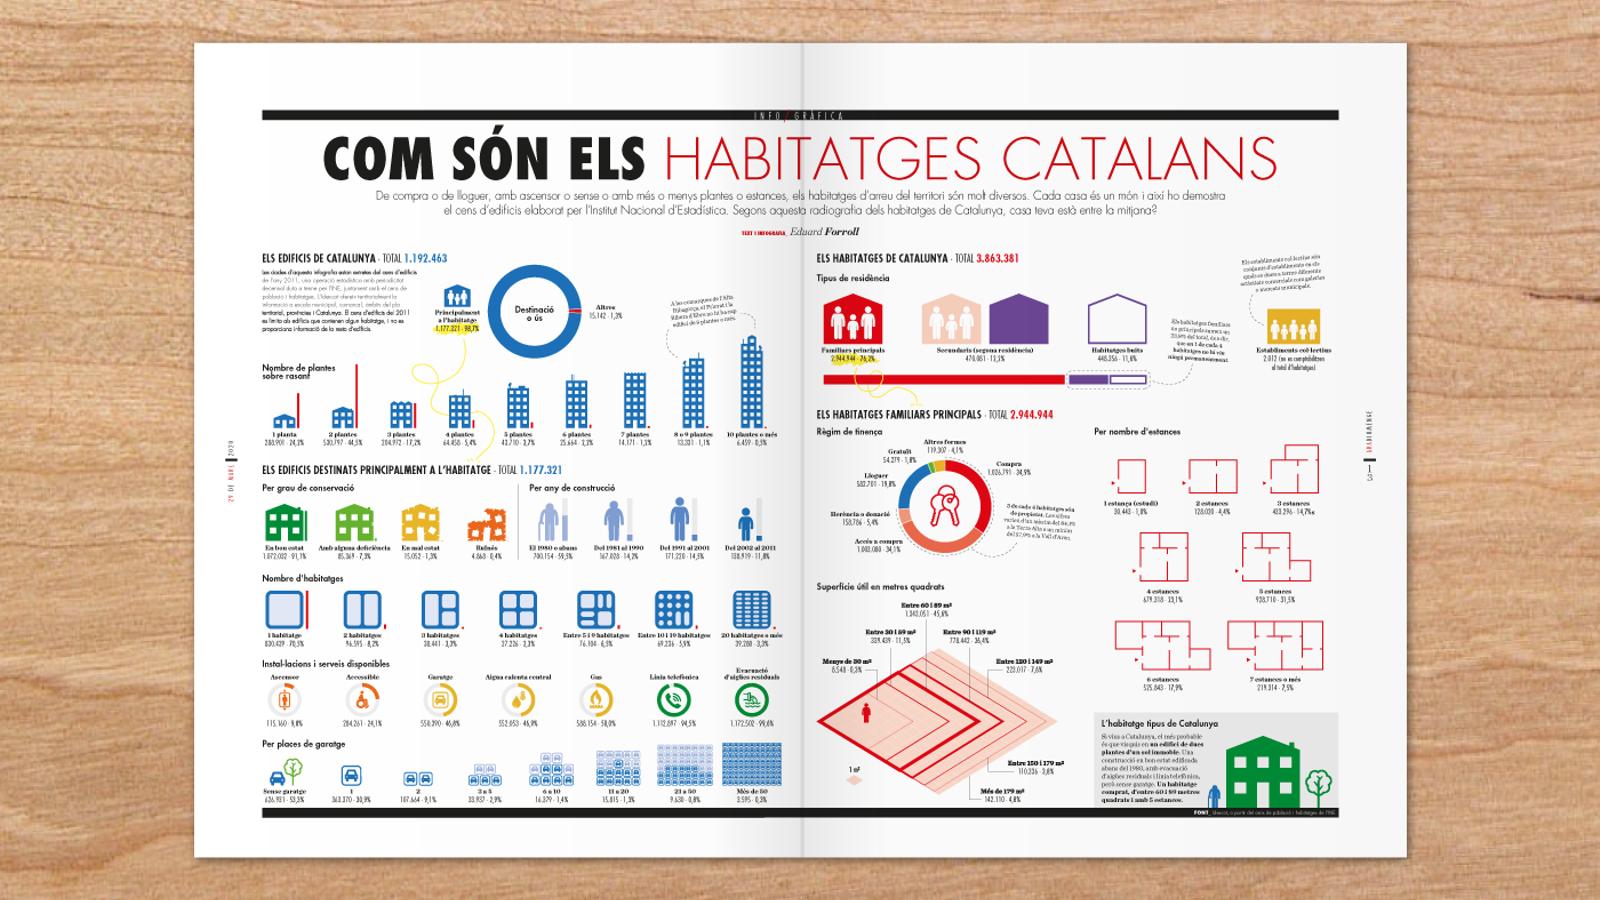 Com són els habitatges catalans